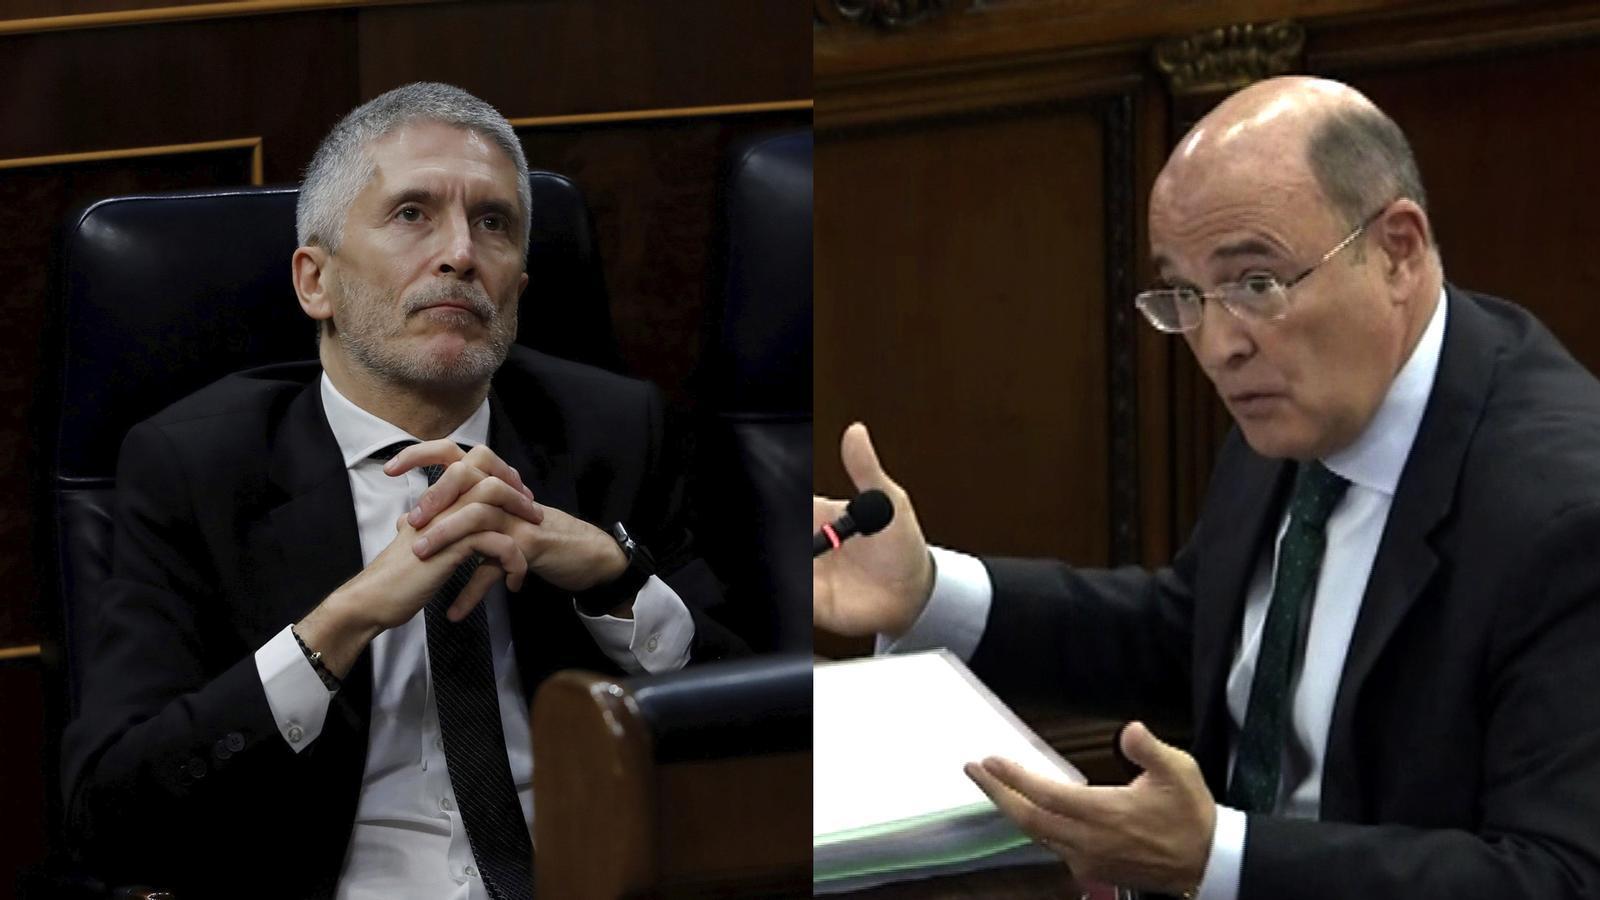 L'anàlisi d'Antoni Bassas: 'El ministre i els informes de la Guàrdia Civil que ara sí que són motiu de cessament'